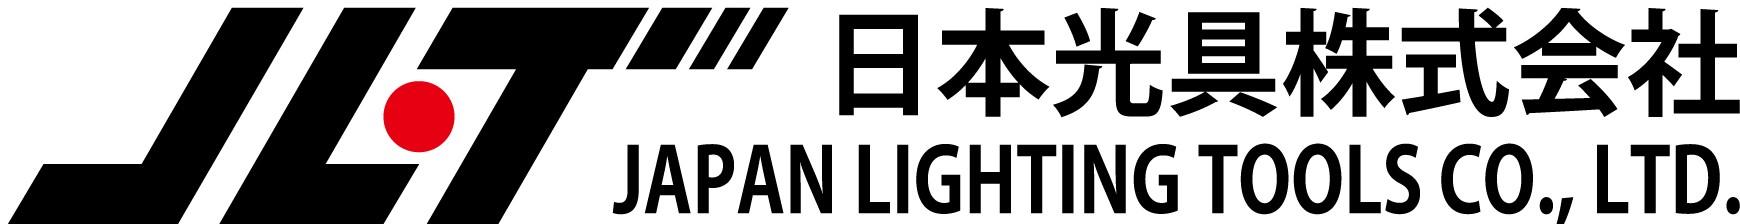 日本光具株式会社